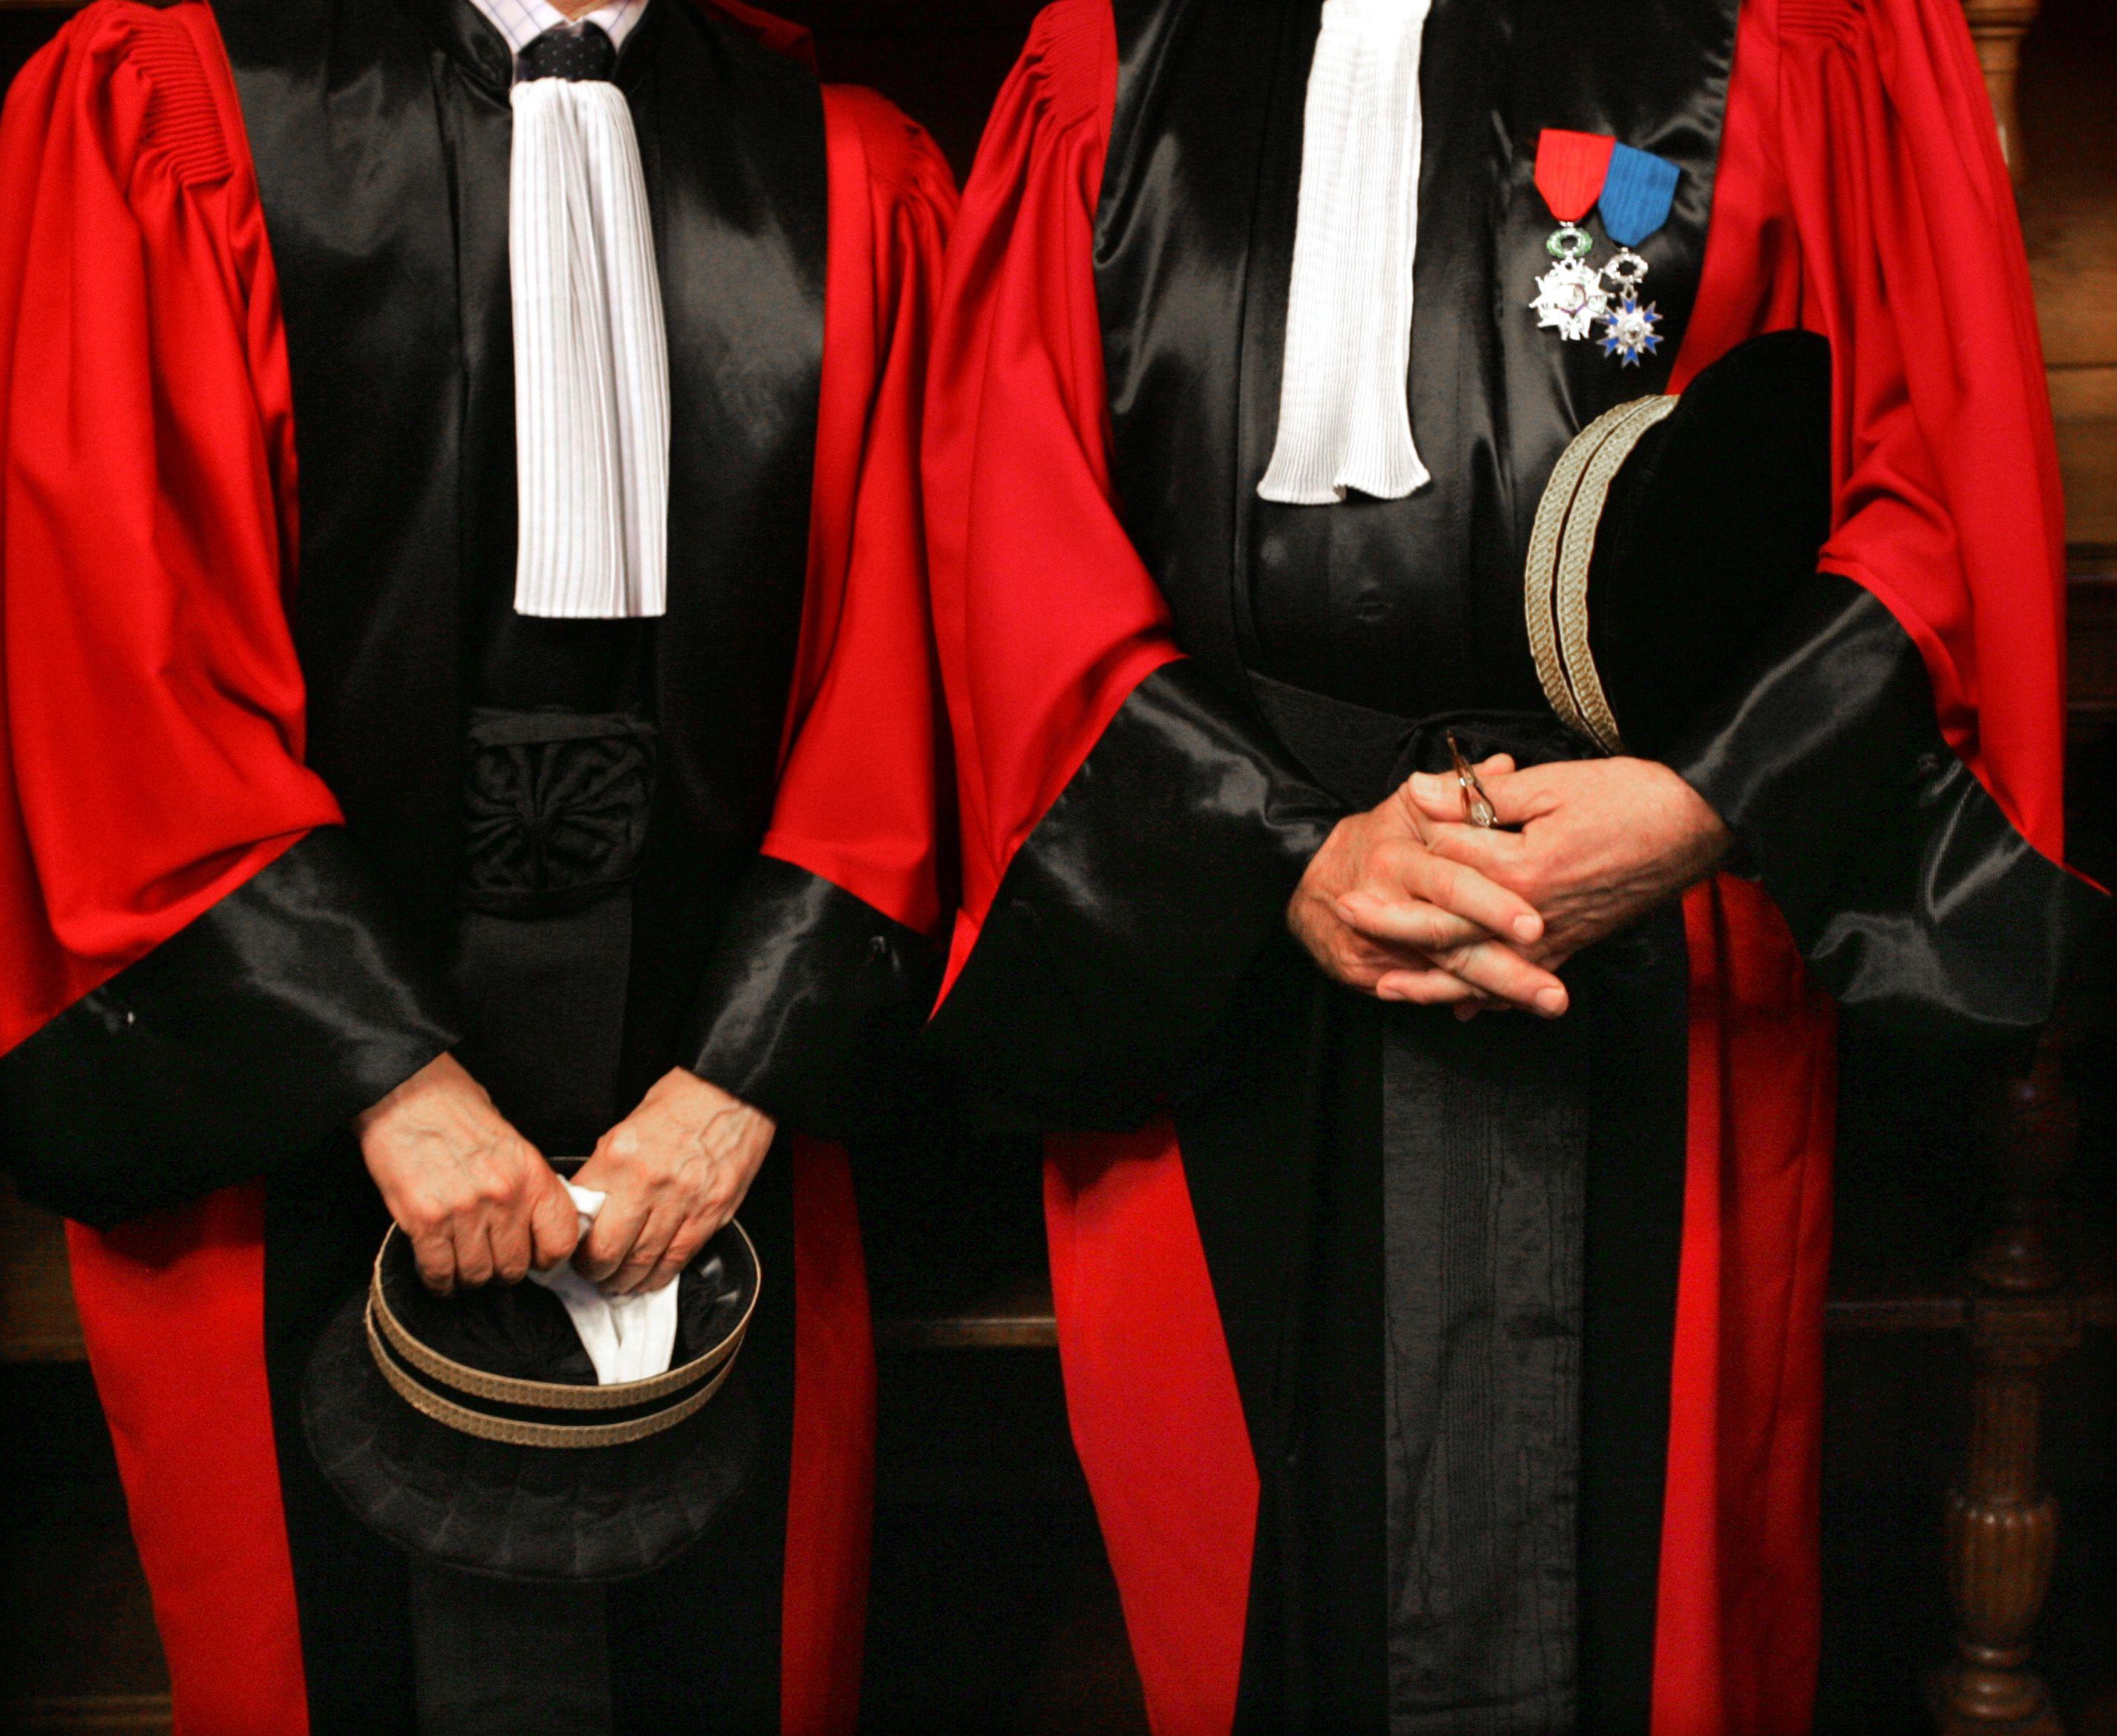 Ce spectre du gouvernement des juges allé grandissant pendant les années 2010